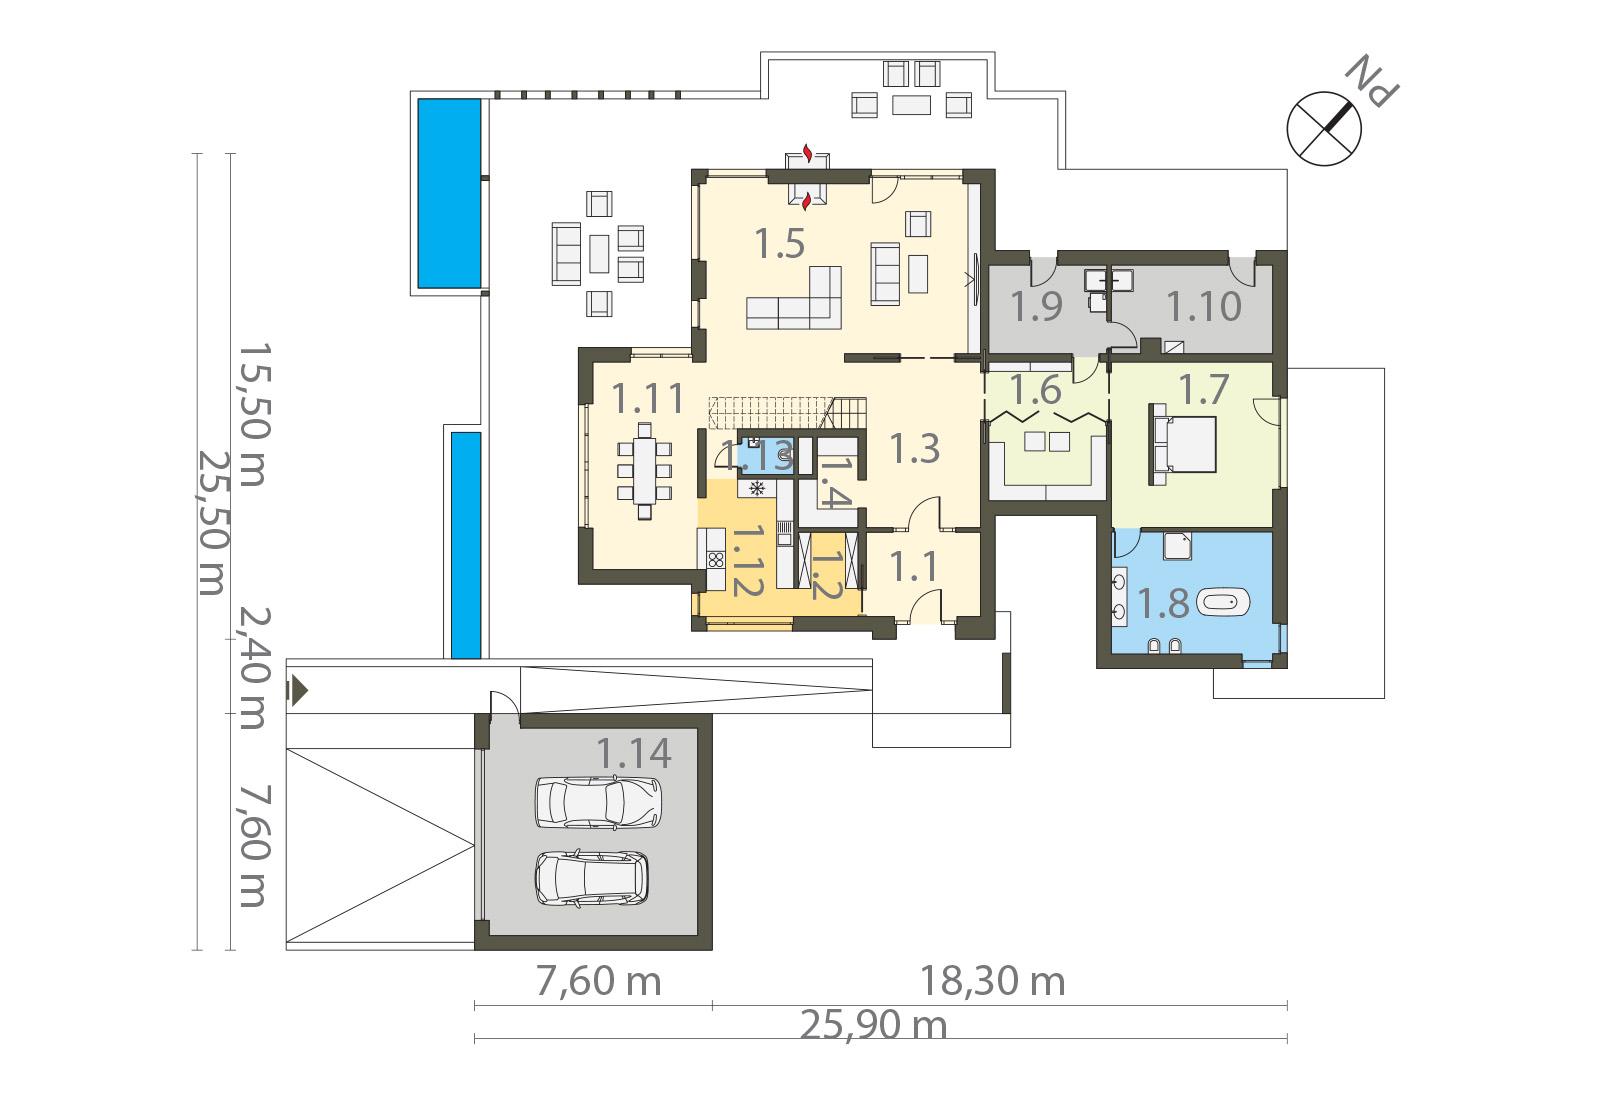 Projekt domu ZDROJOWY Domy Czystej Energii rzut parteruProjekt domu ZDROJOWY Domy Czystej Energii rzut parteru